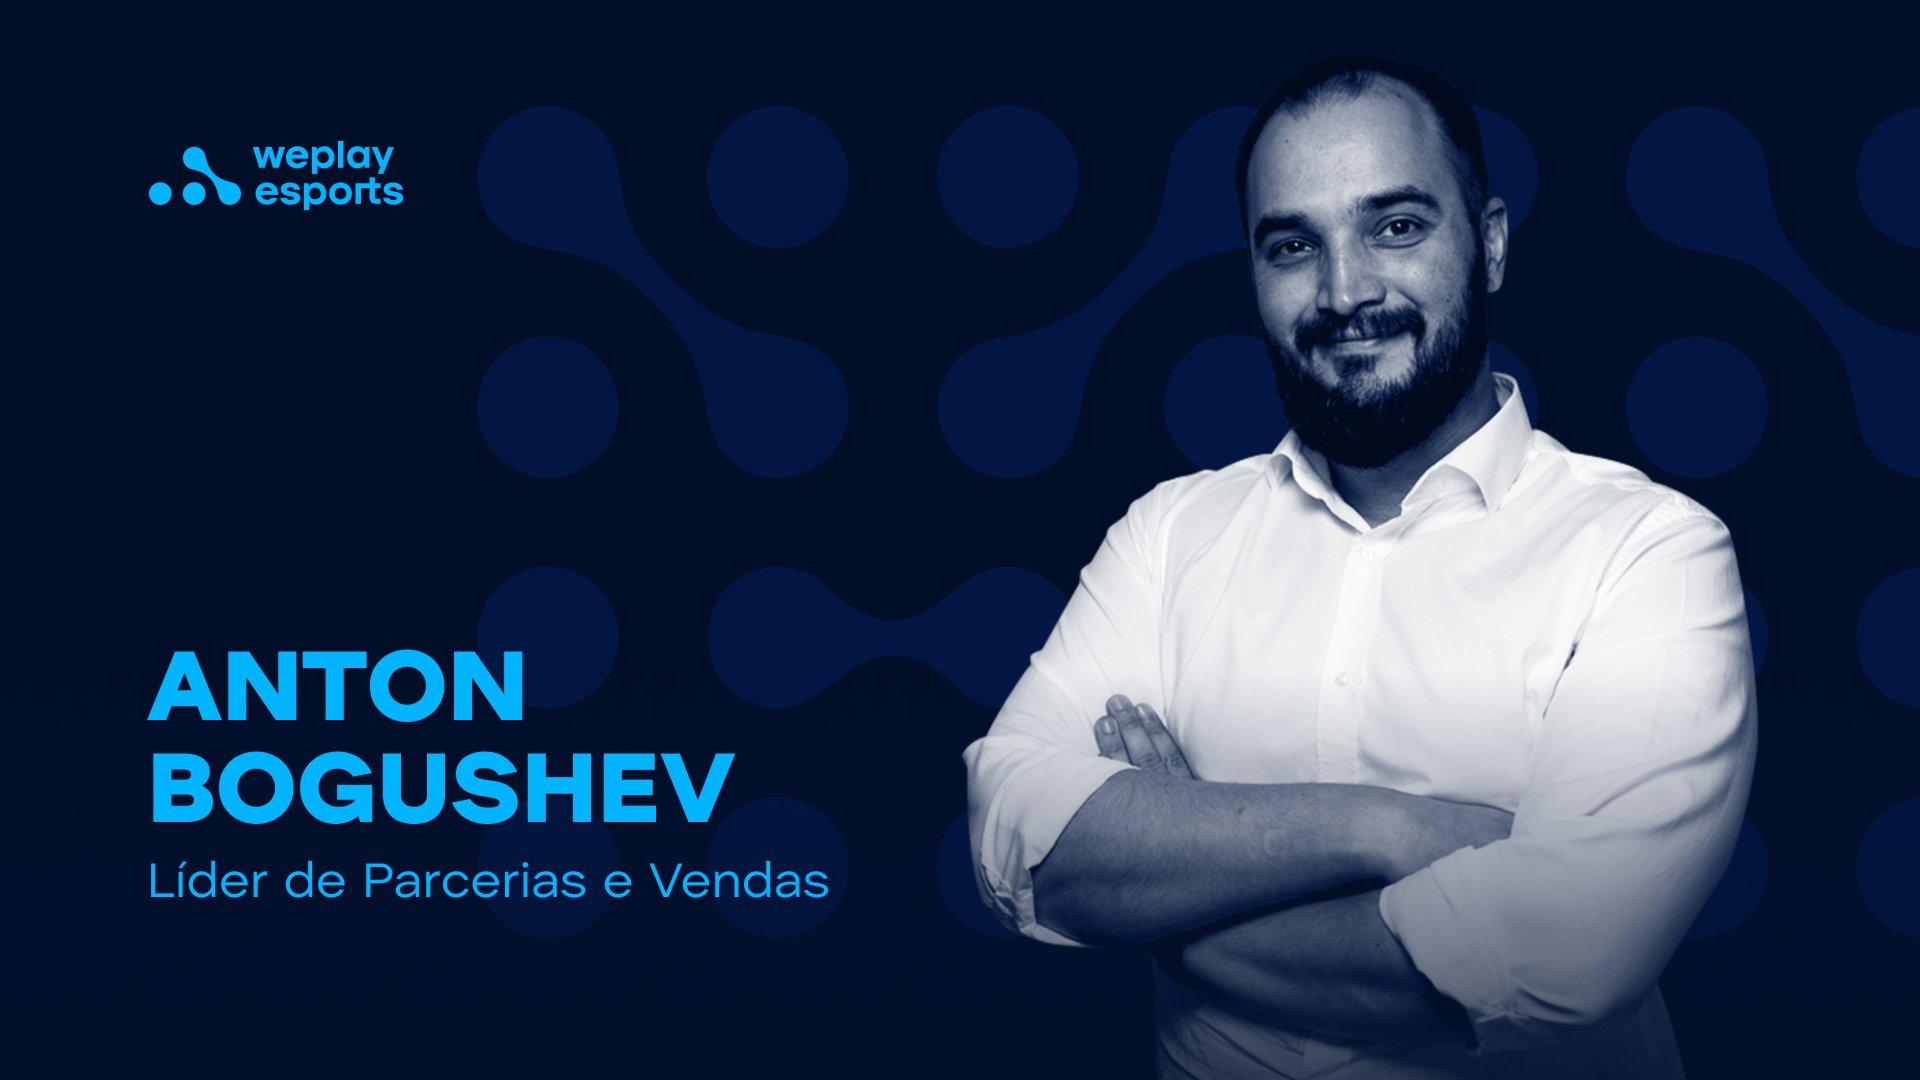 Anton Bogushev é o novo Líder de Parcerias e Vendas na WePlay Holding